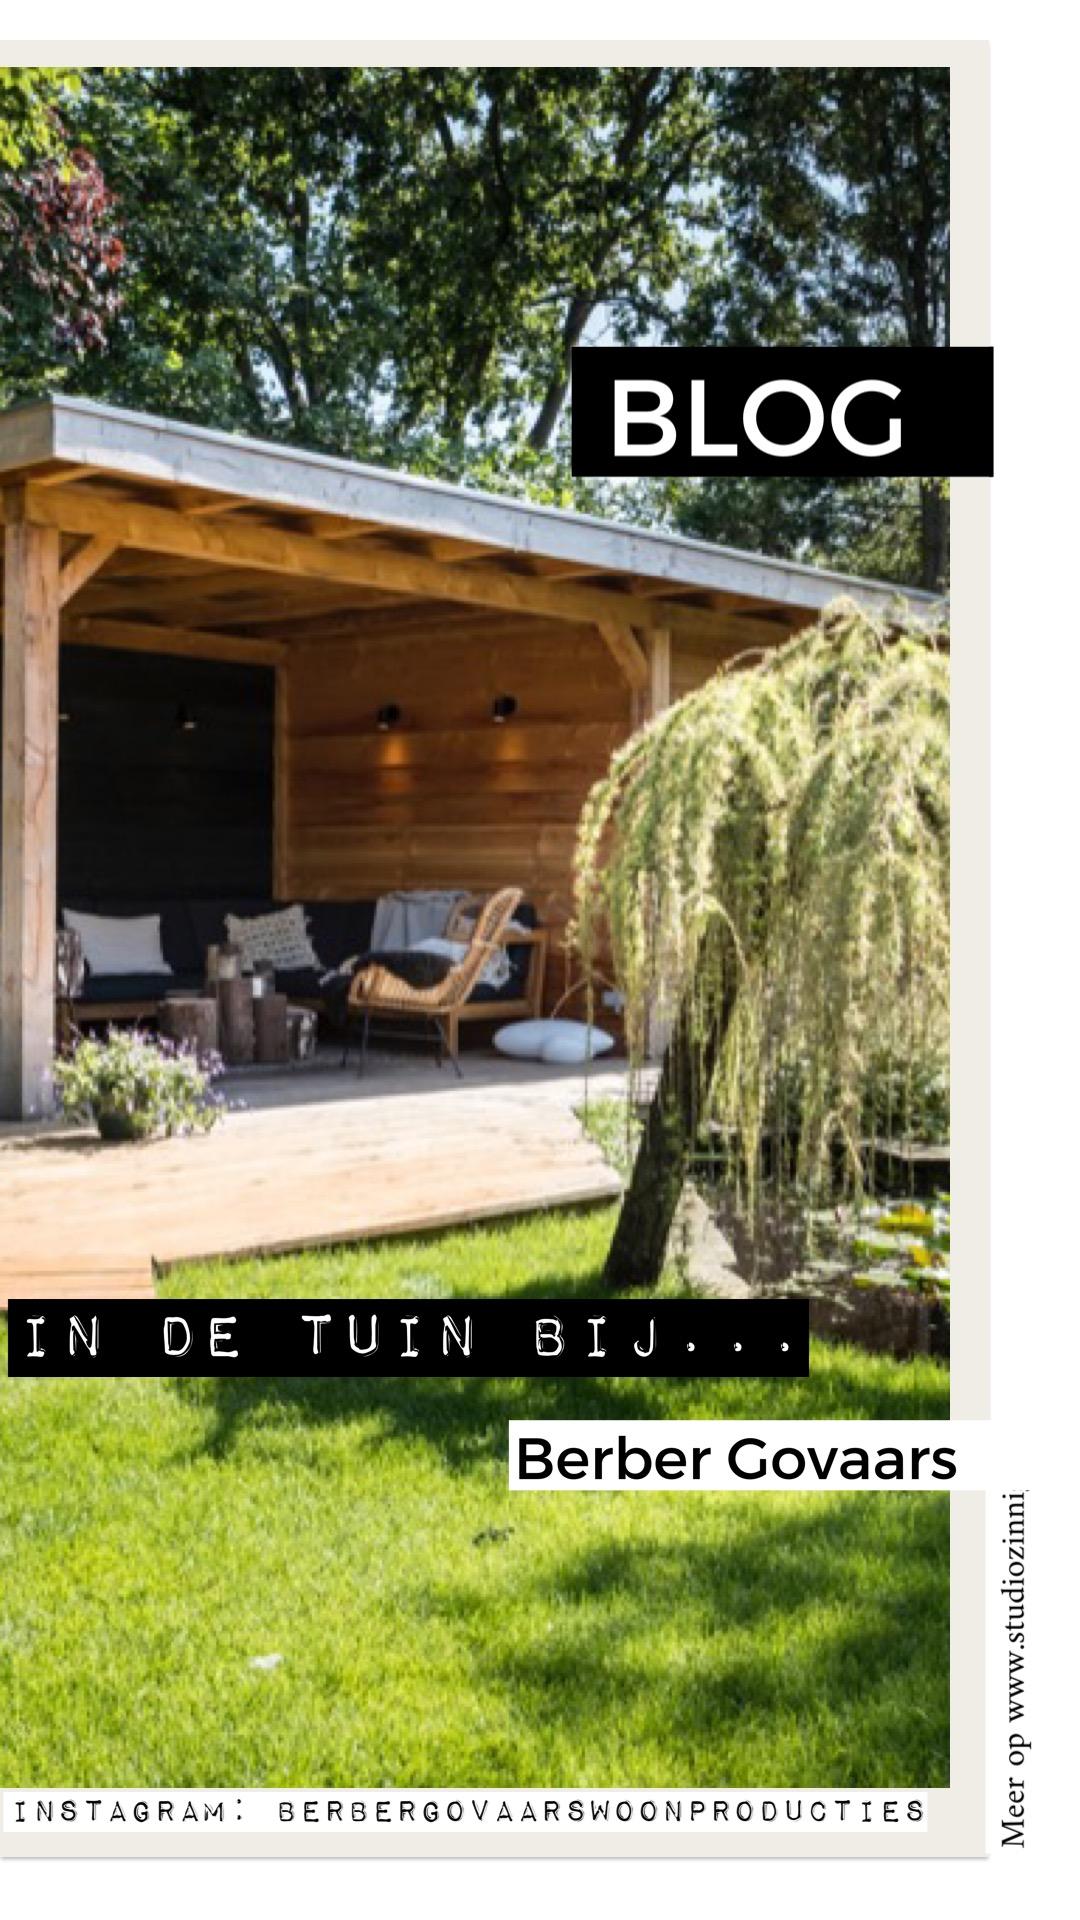 In de tuin bij… Berber Govaars